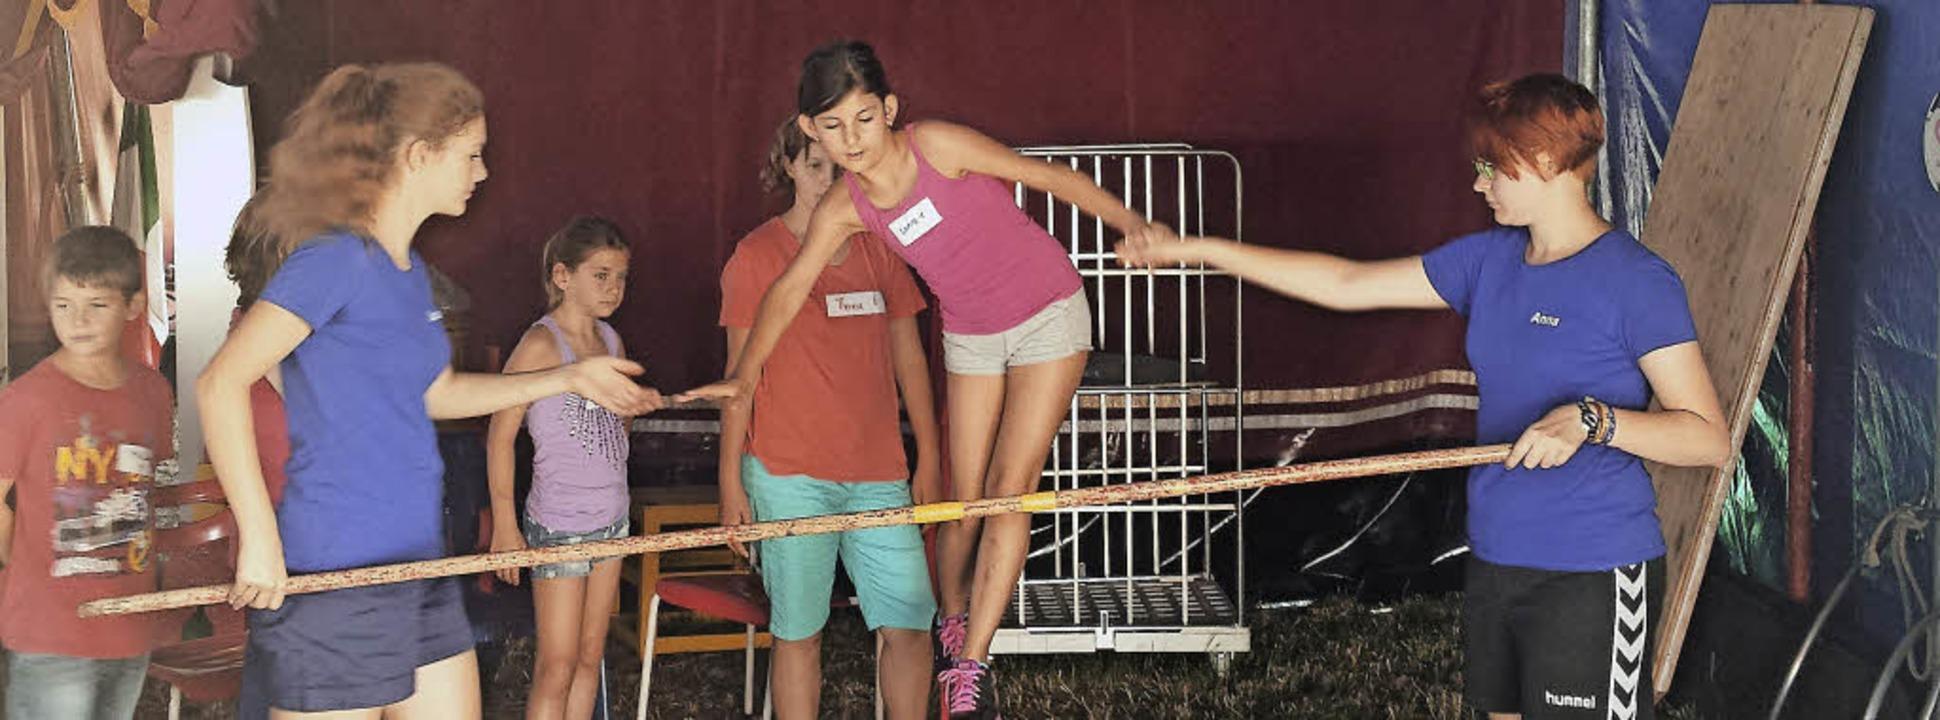 Über 100 Kinder schnuppern echte Zirku...ind kann seine Fähigkeiten entdecken.     Foto: Artur Just